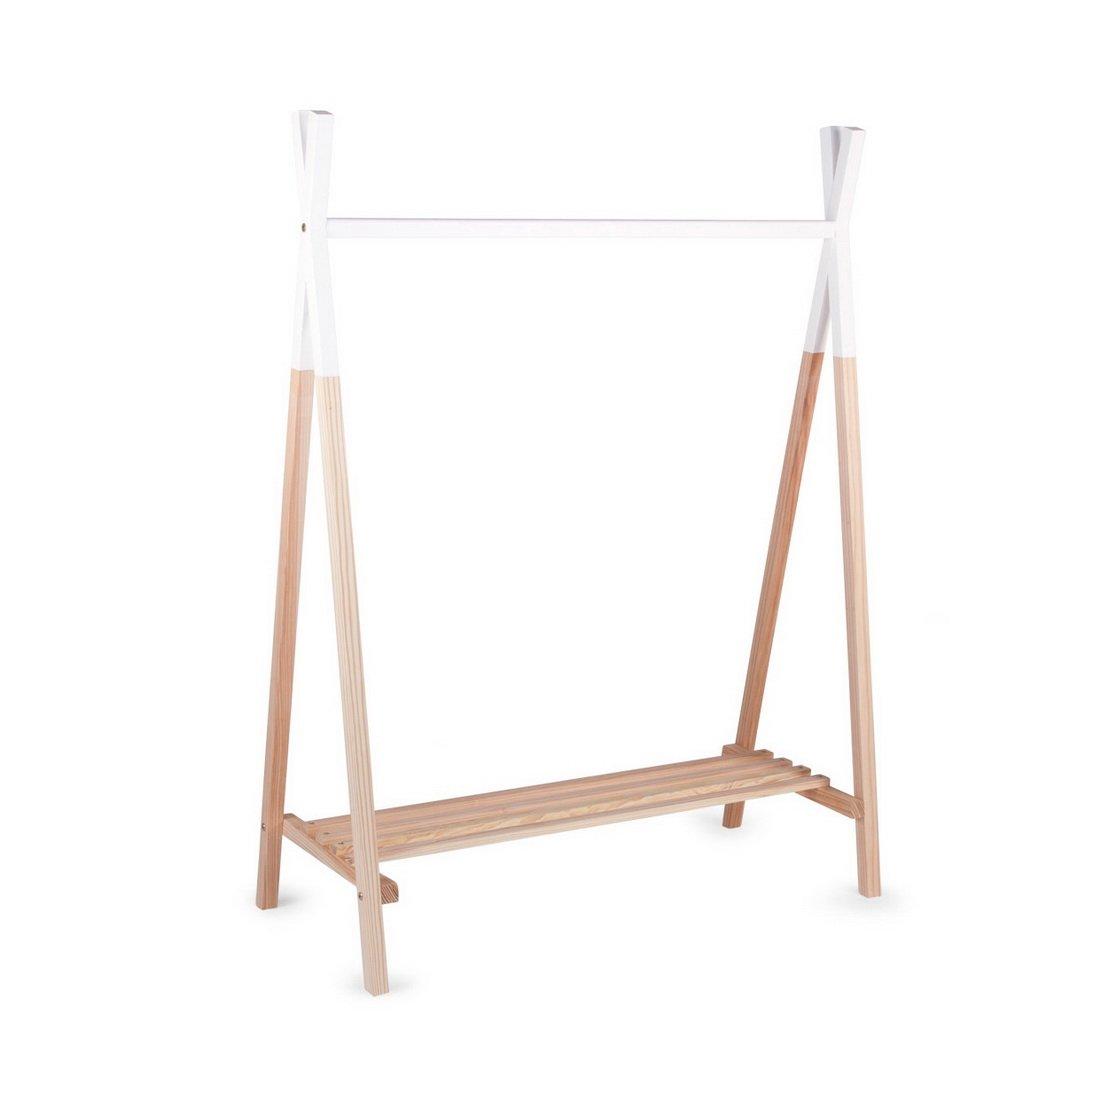 Childwood–-Asta Appendiabiti Tipi di moderno abito Unterbett cameretta in vero legno di faggio Tipi Stil, 107x 48x137cm, colore: naturale 3 horses